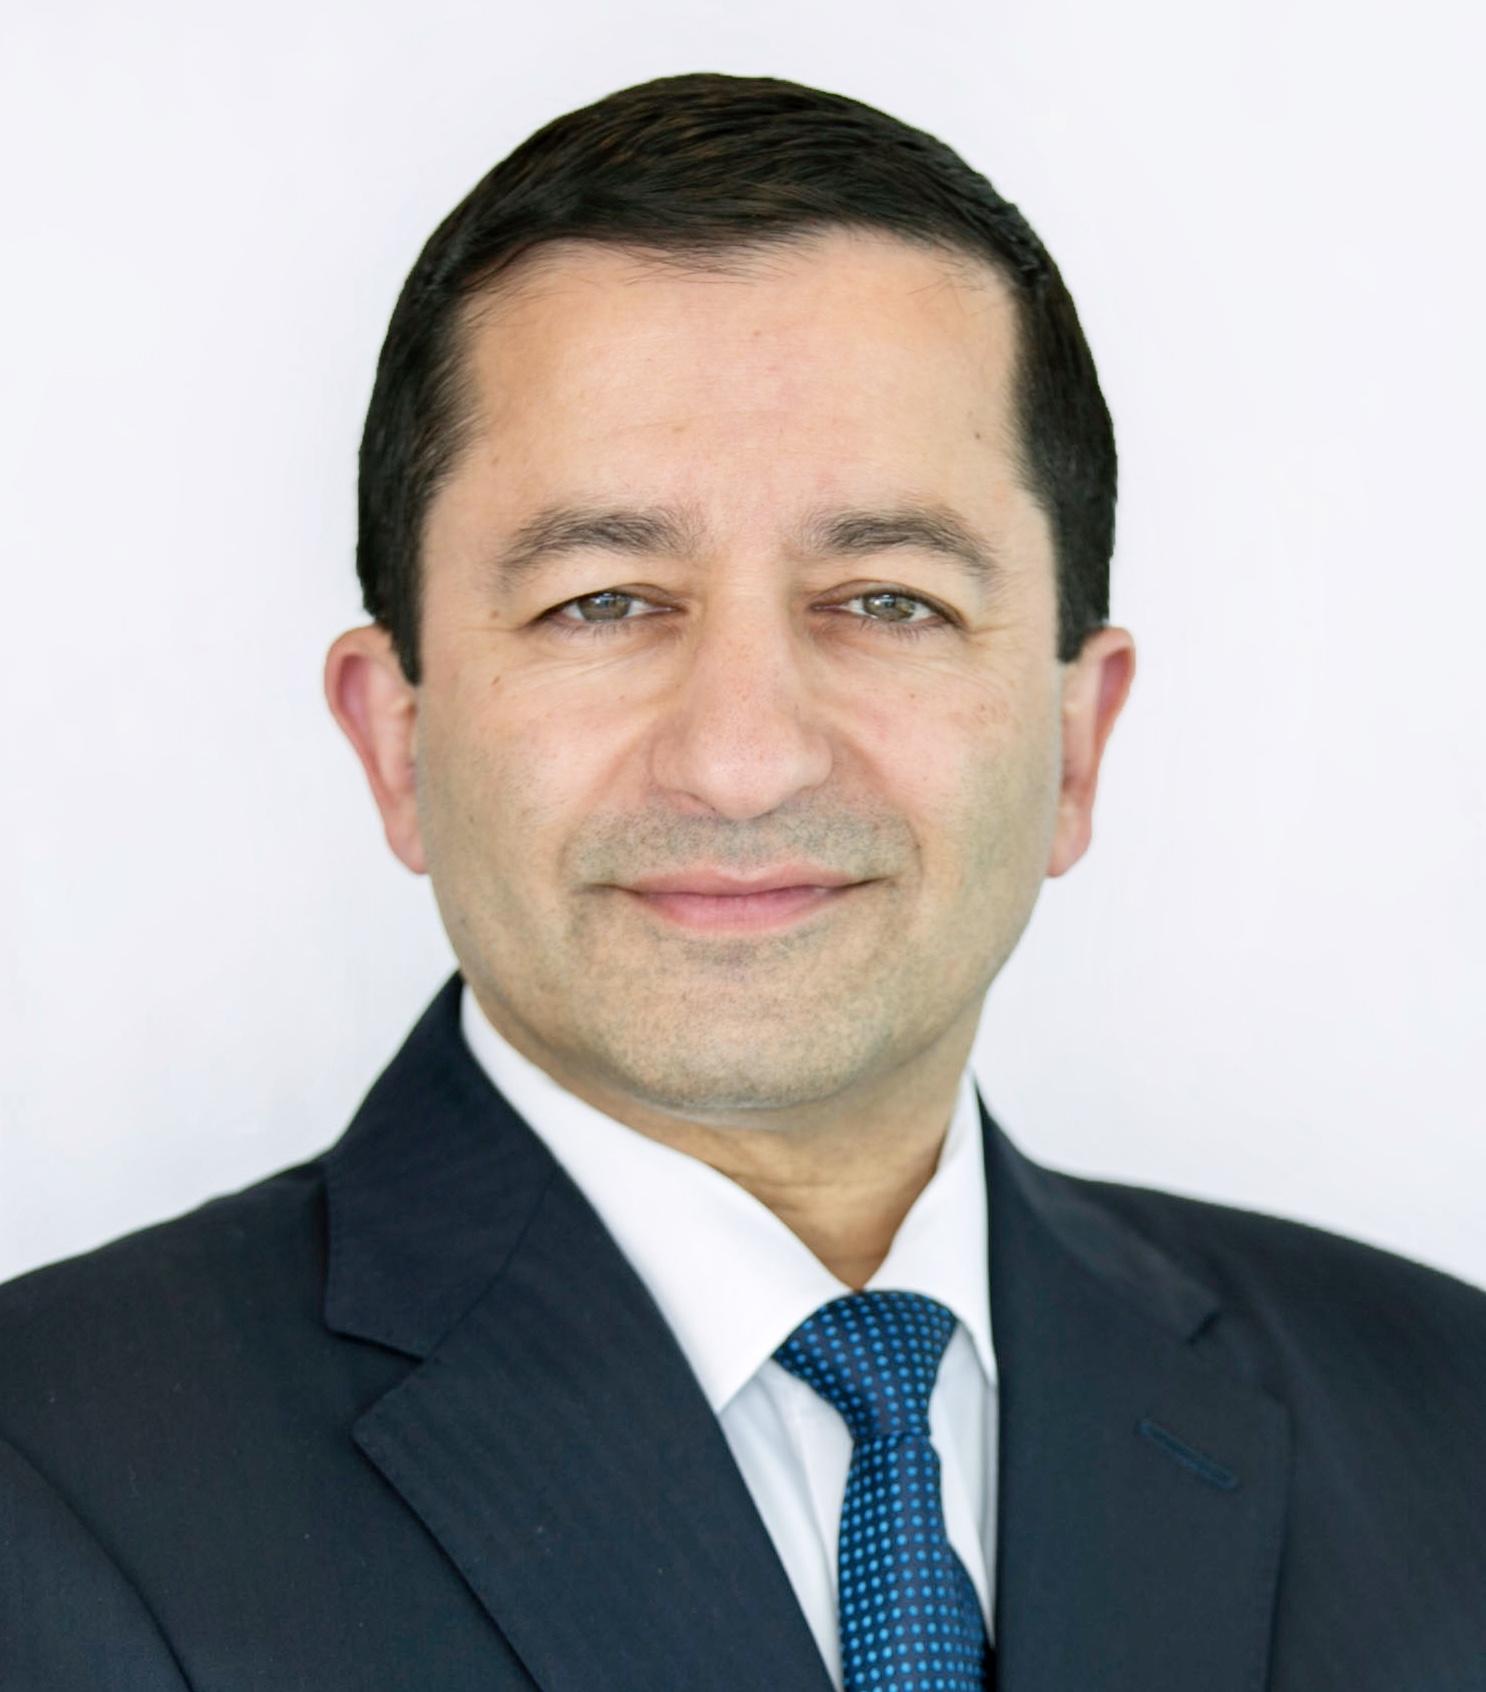 Vinay Badhwar, M.D.